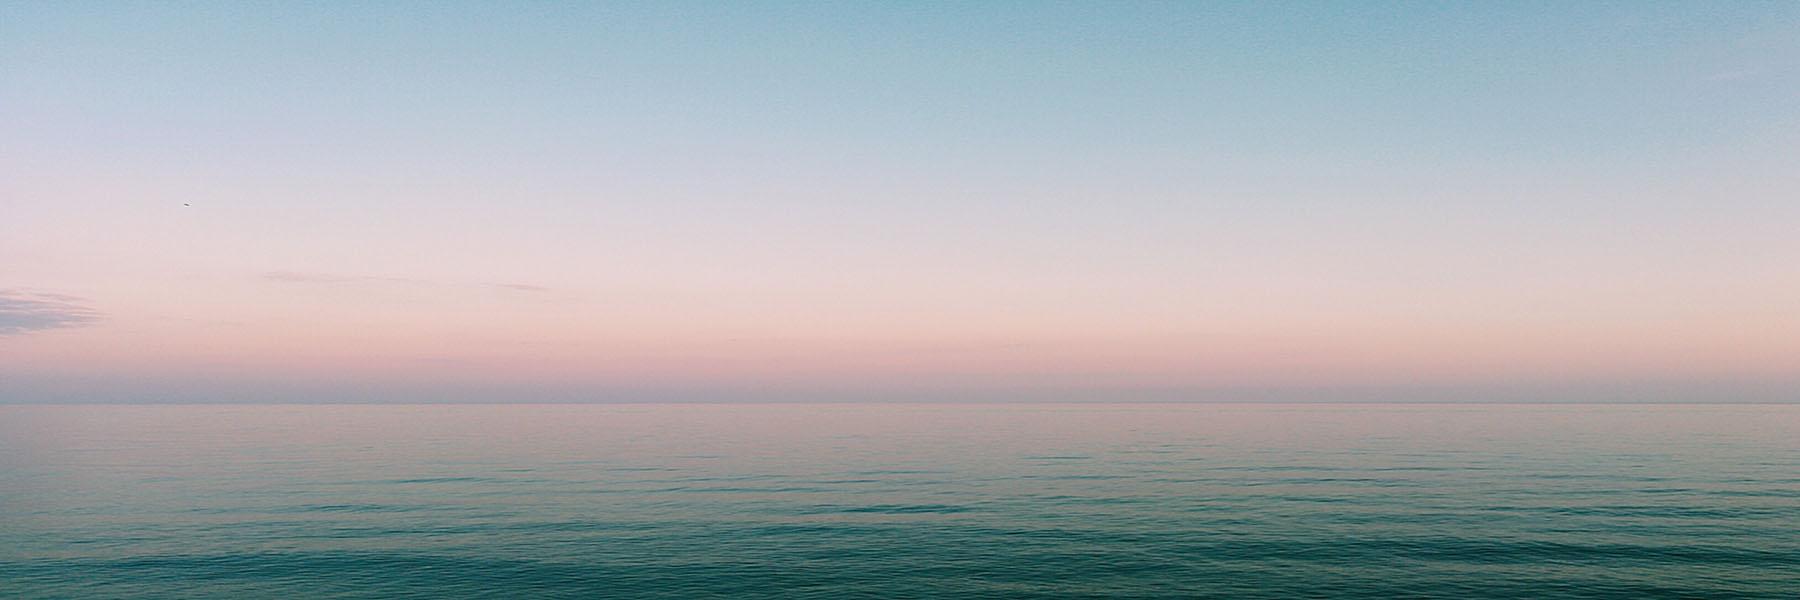 oceano2